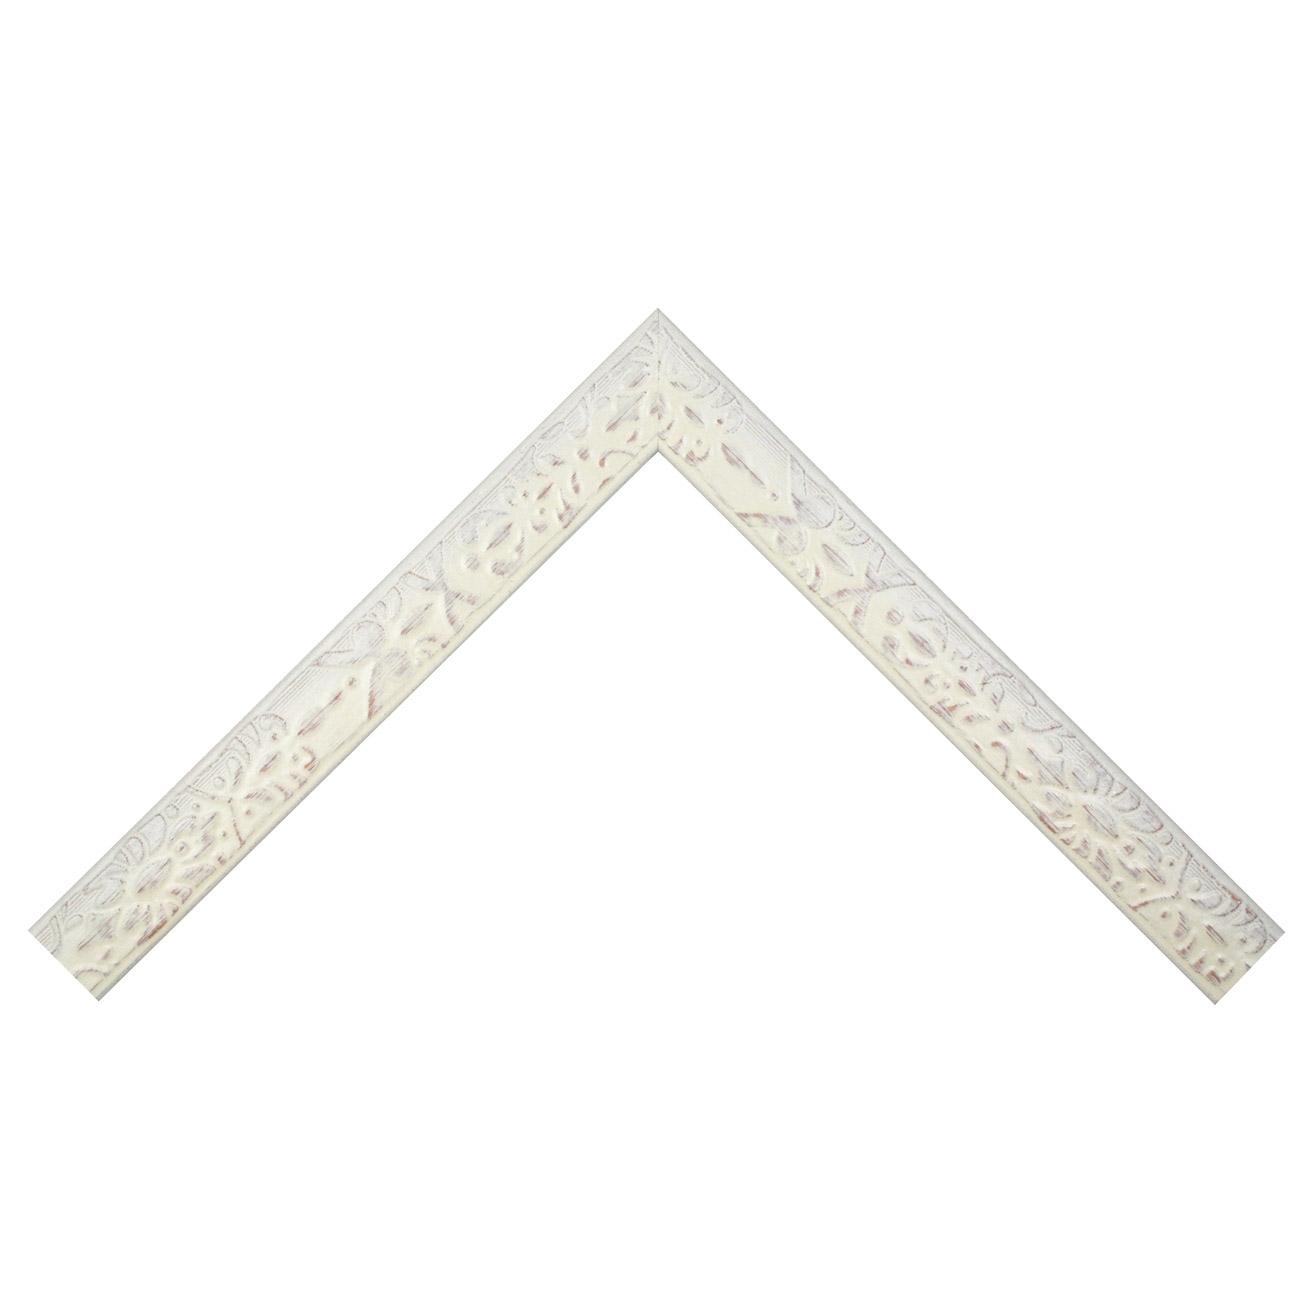 Baguette bois profil plat largeur 4cm couleur blanchie décapé décor frise en relief